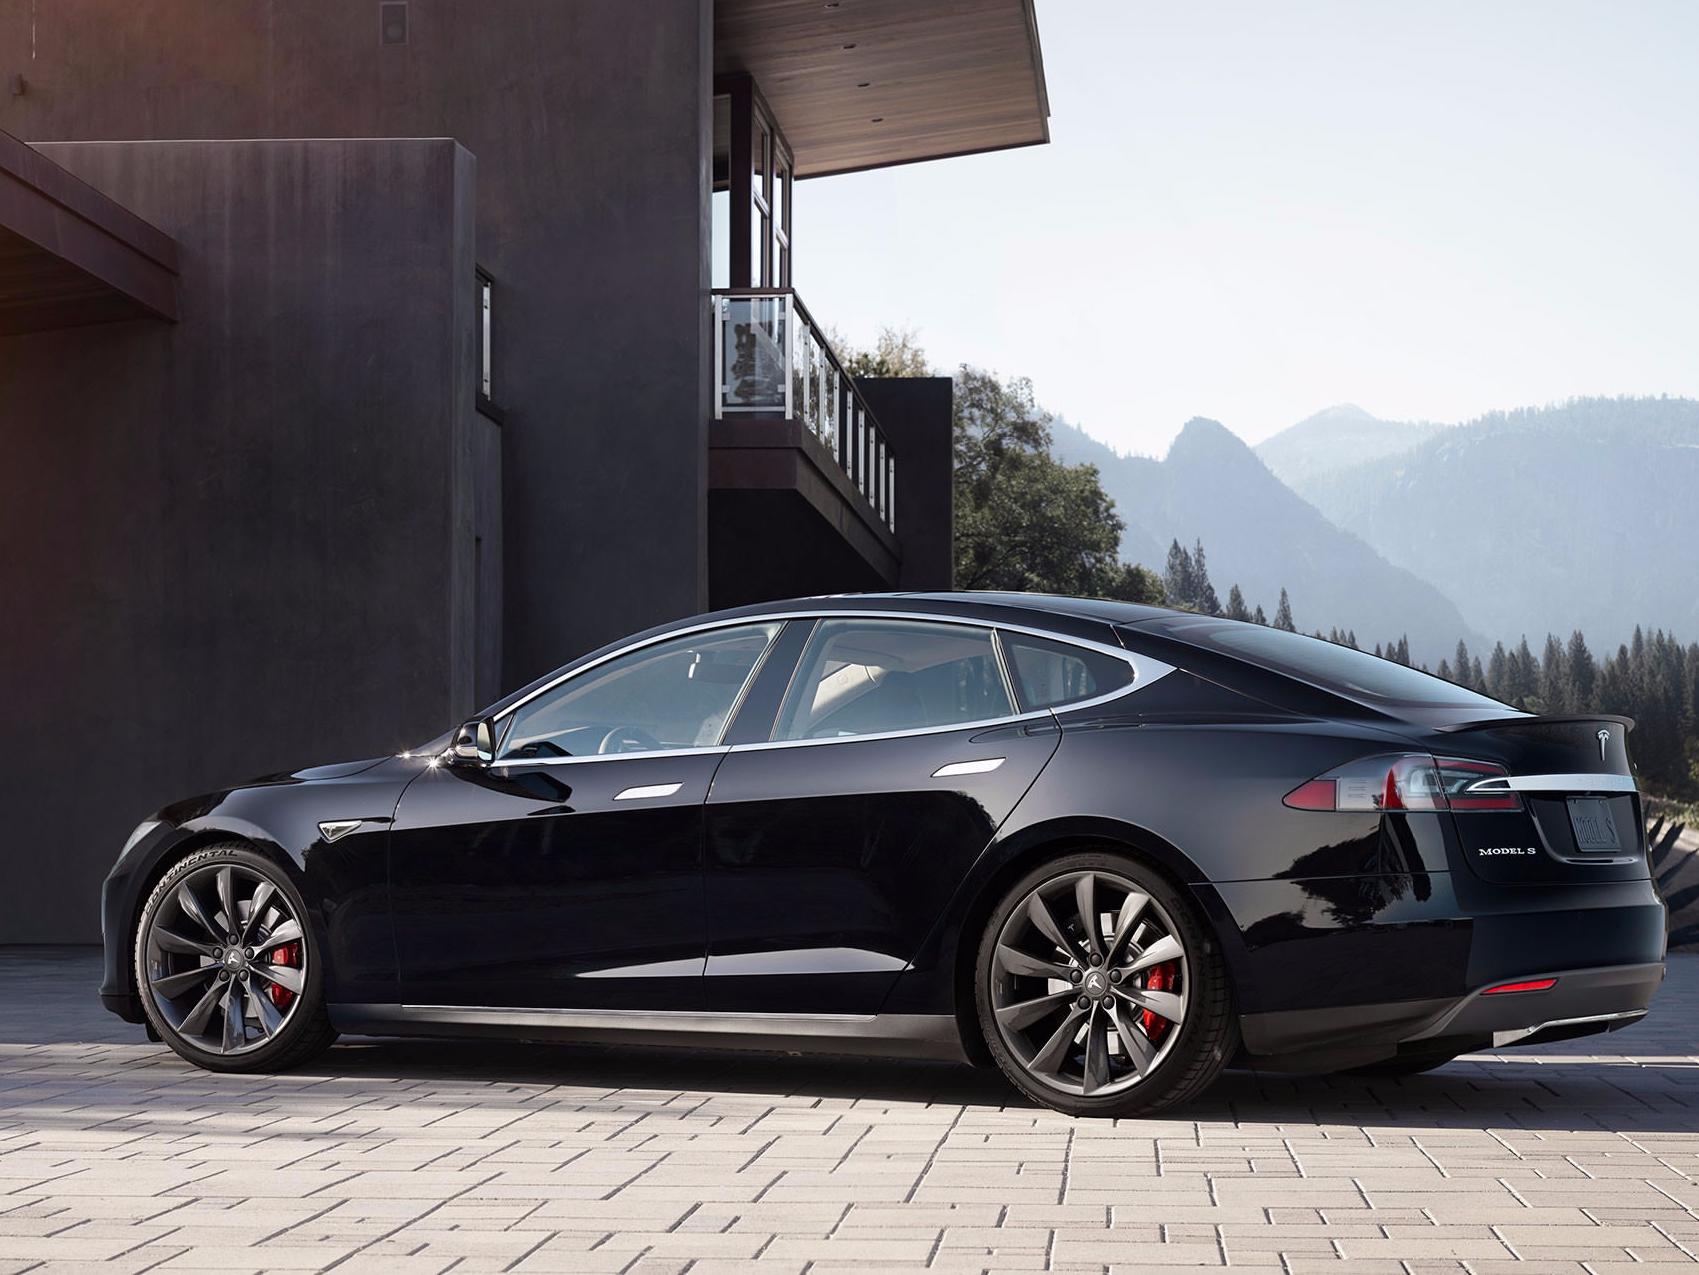 True Cost Of A Tesla Model 3 After 40 000 Miles Charging Insurance Maintenance With Images Tesla Model Tesla Tesla Model X